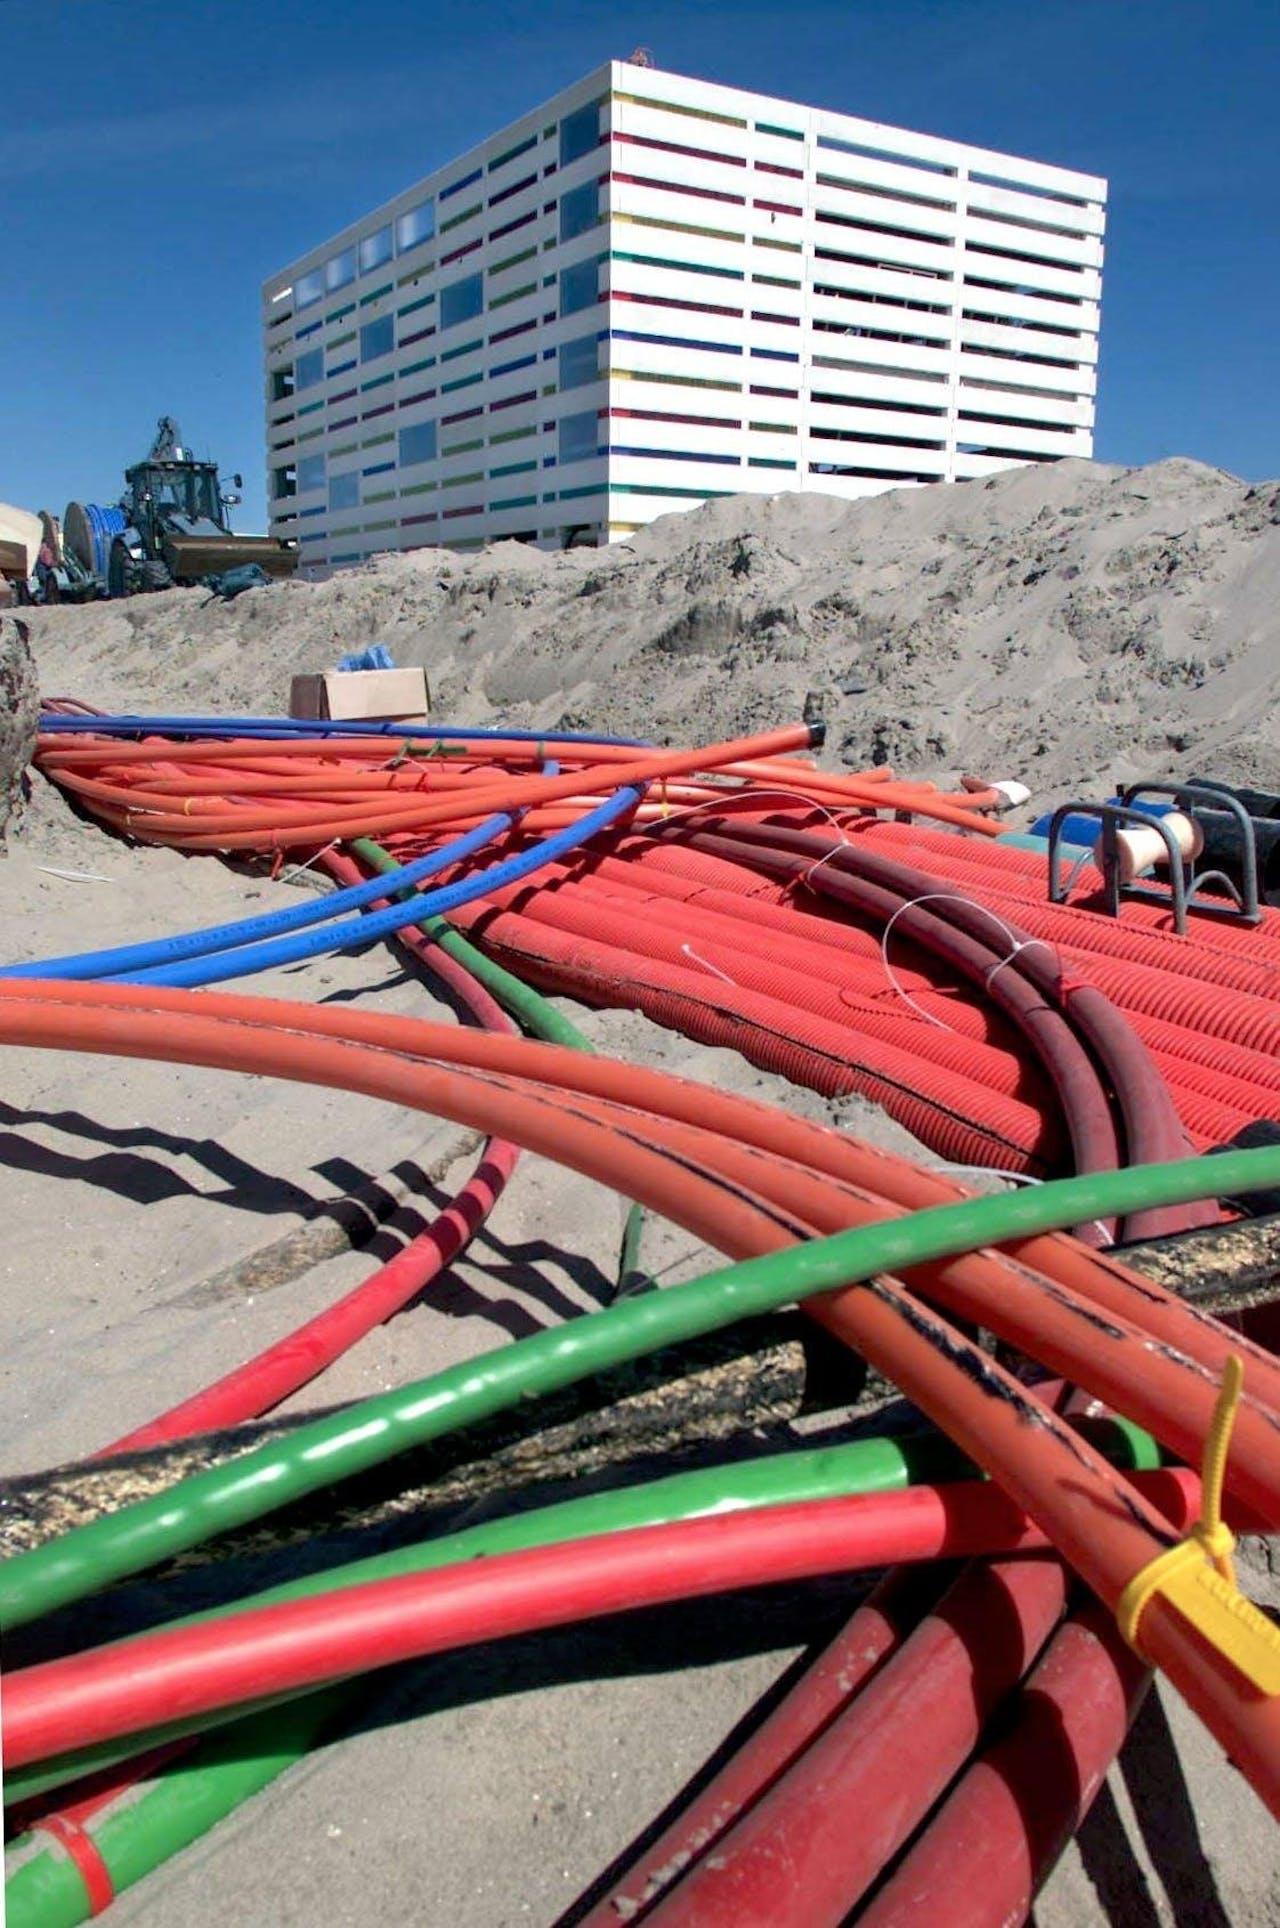 Glasvezel kabels voor de nieuwe KPN-telefooncentrale op het eiland IJburg. KPN gaat de uitrol van glasvezel dit jaar enorm versnellen. ANPFOTO -ROBIN UTRECHT